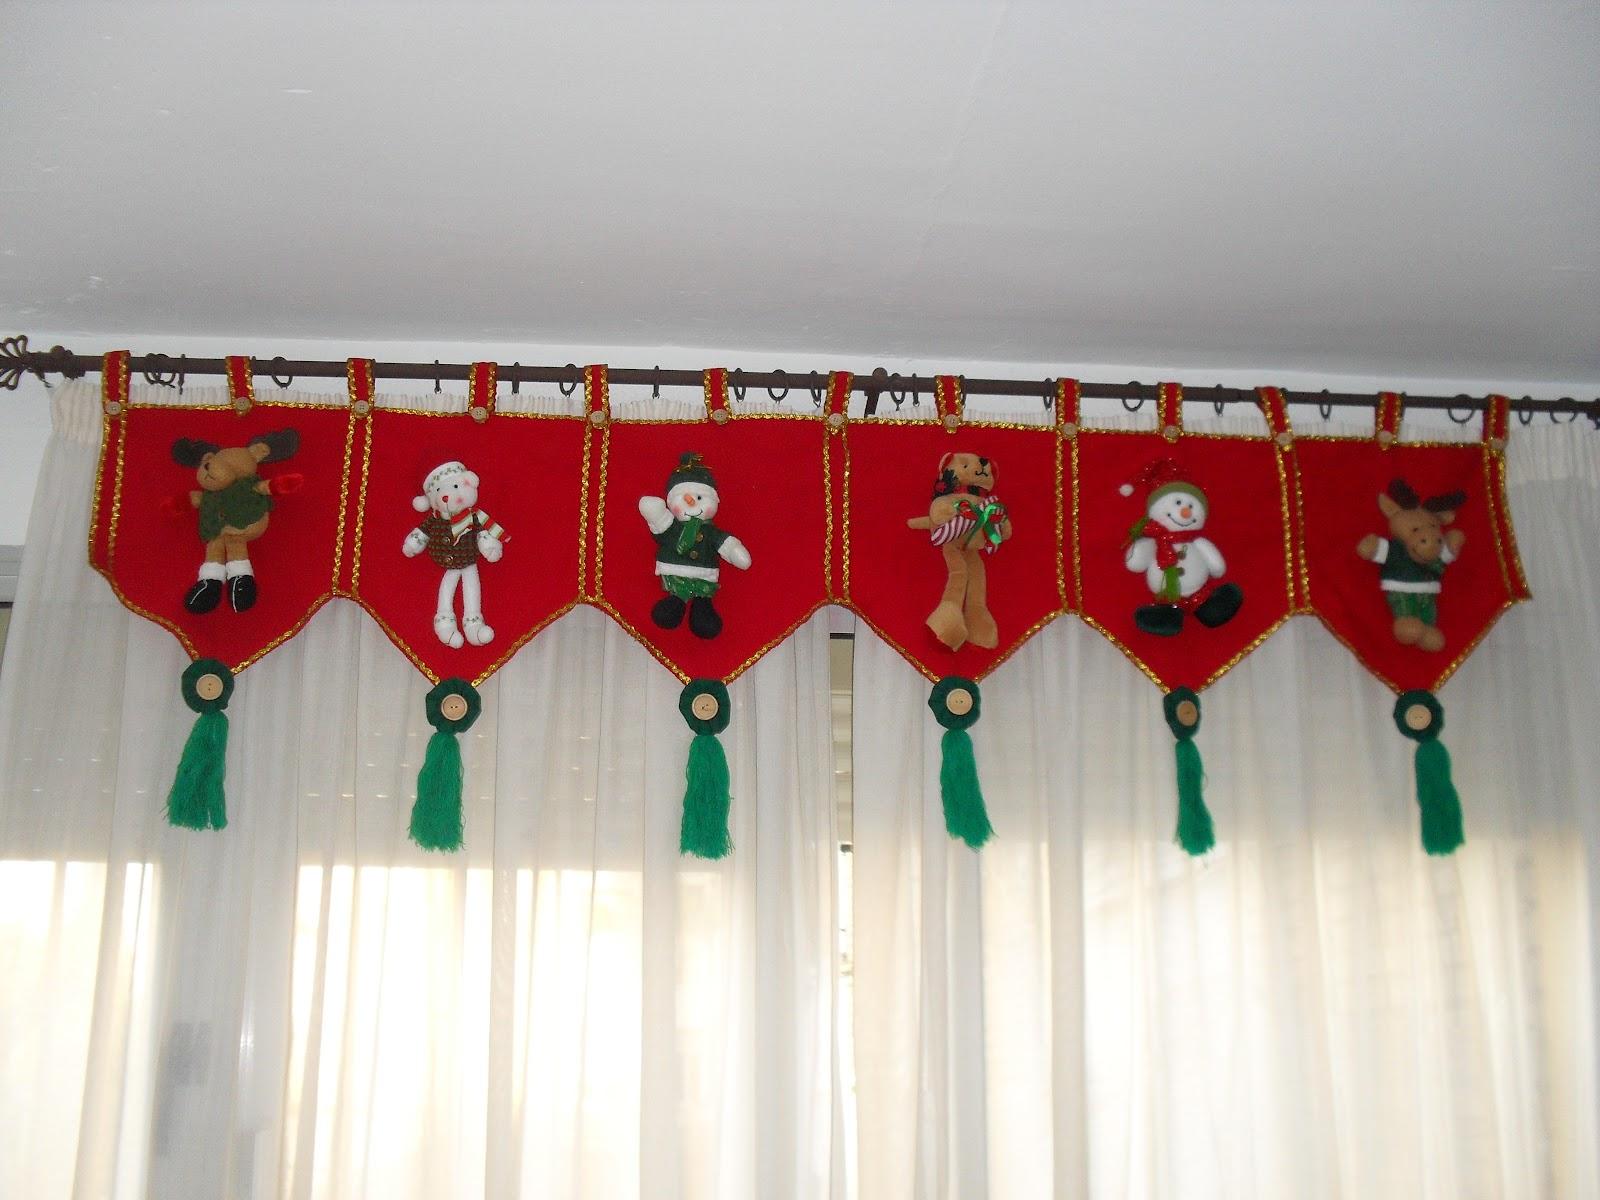 Cortinas De Baño Con Motivos Navidenos:Manualidades navideñas en paño lenci: Portafolio de servicios